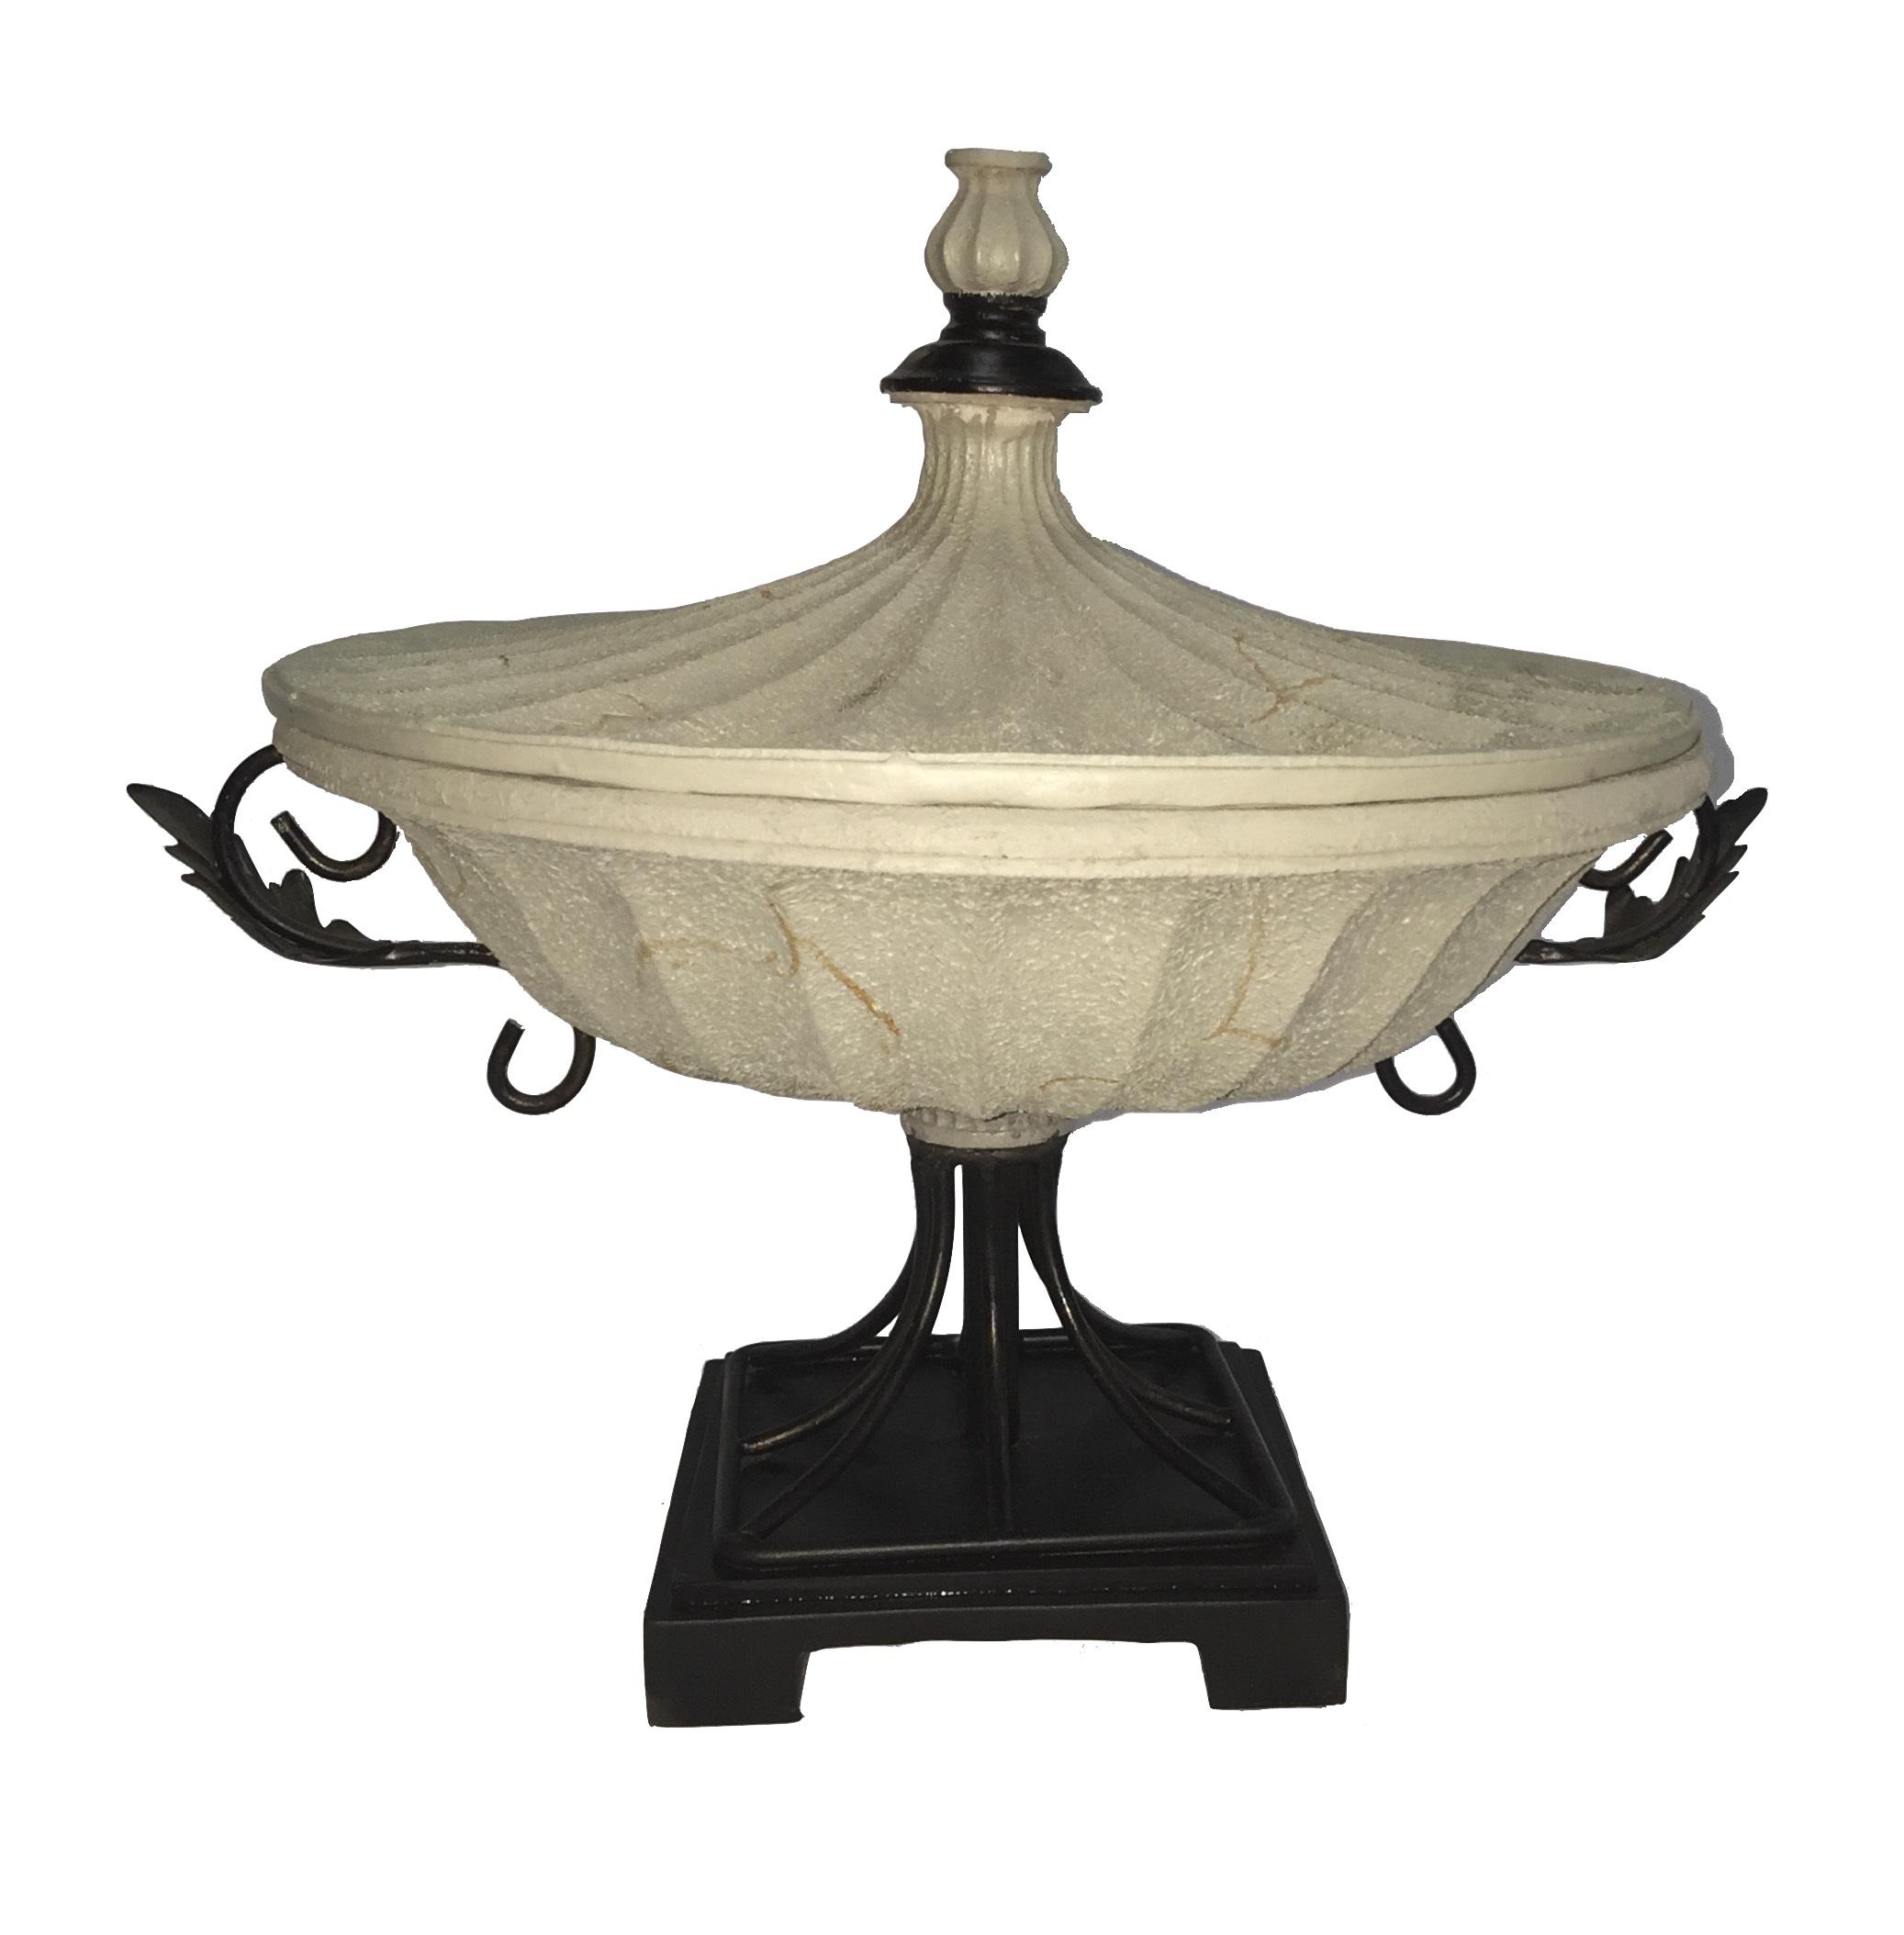 STA-JB29 Decorative Bowl